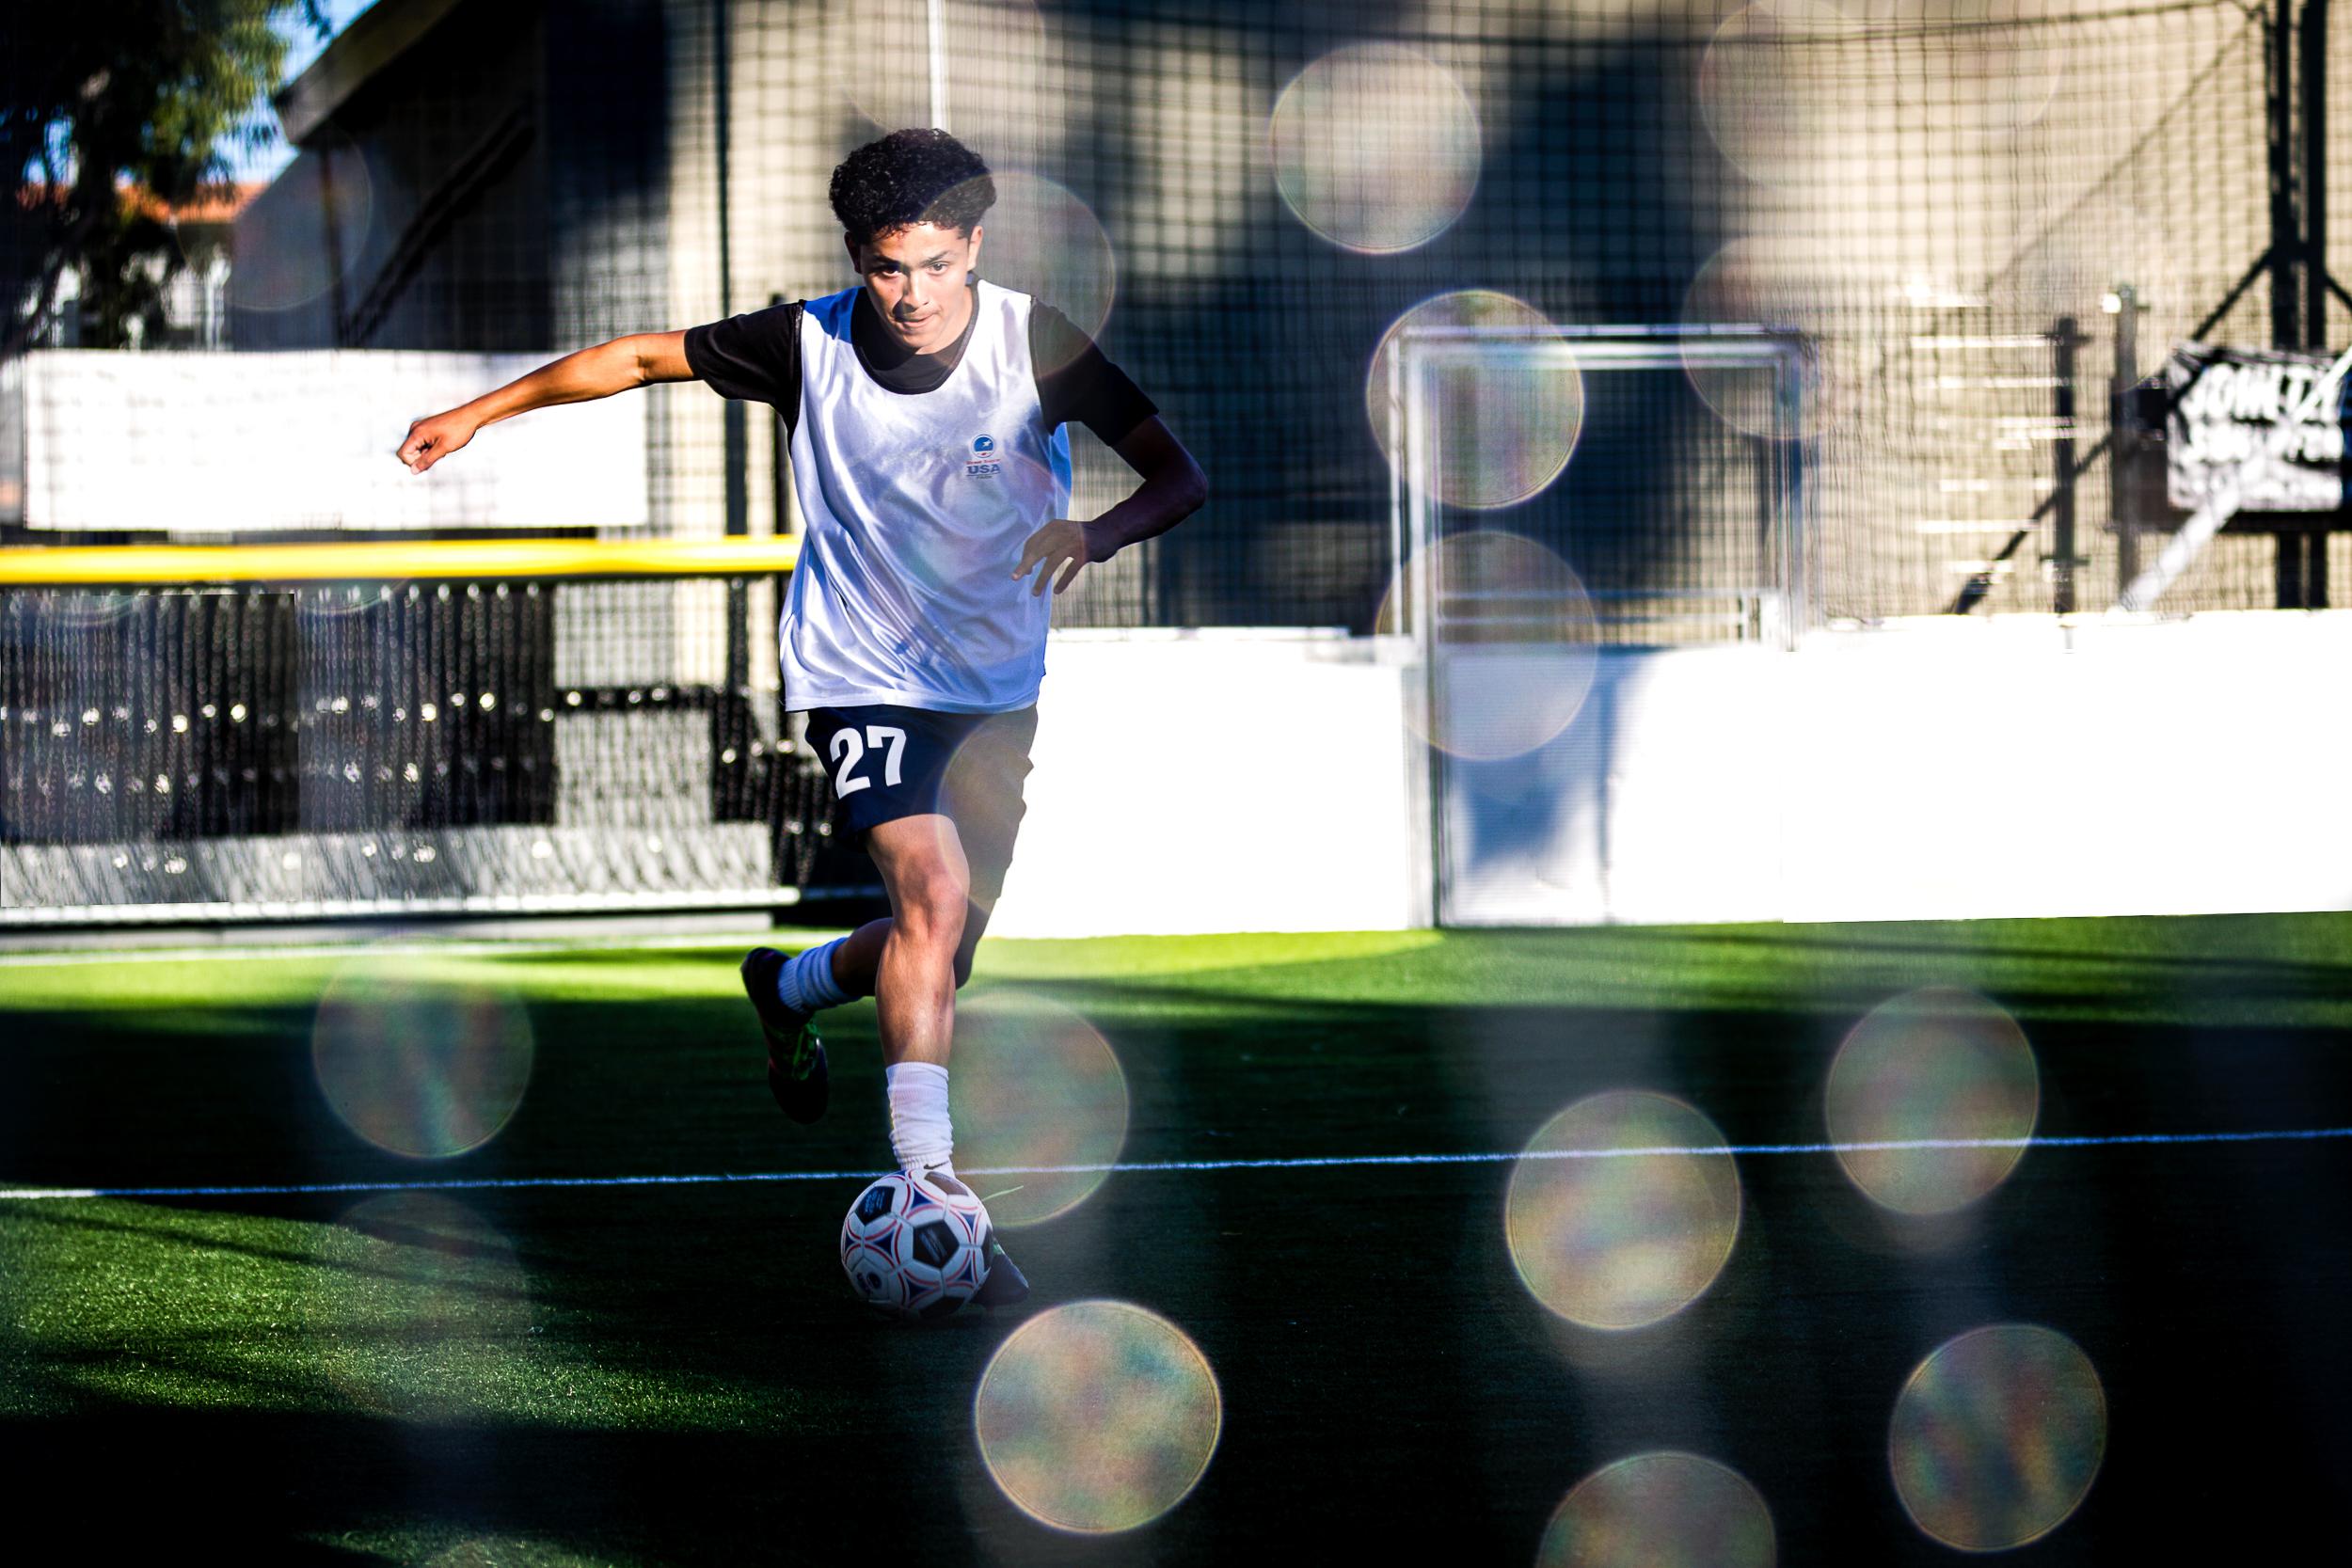 soccer_29b.jpg